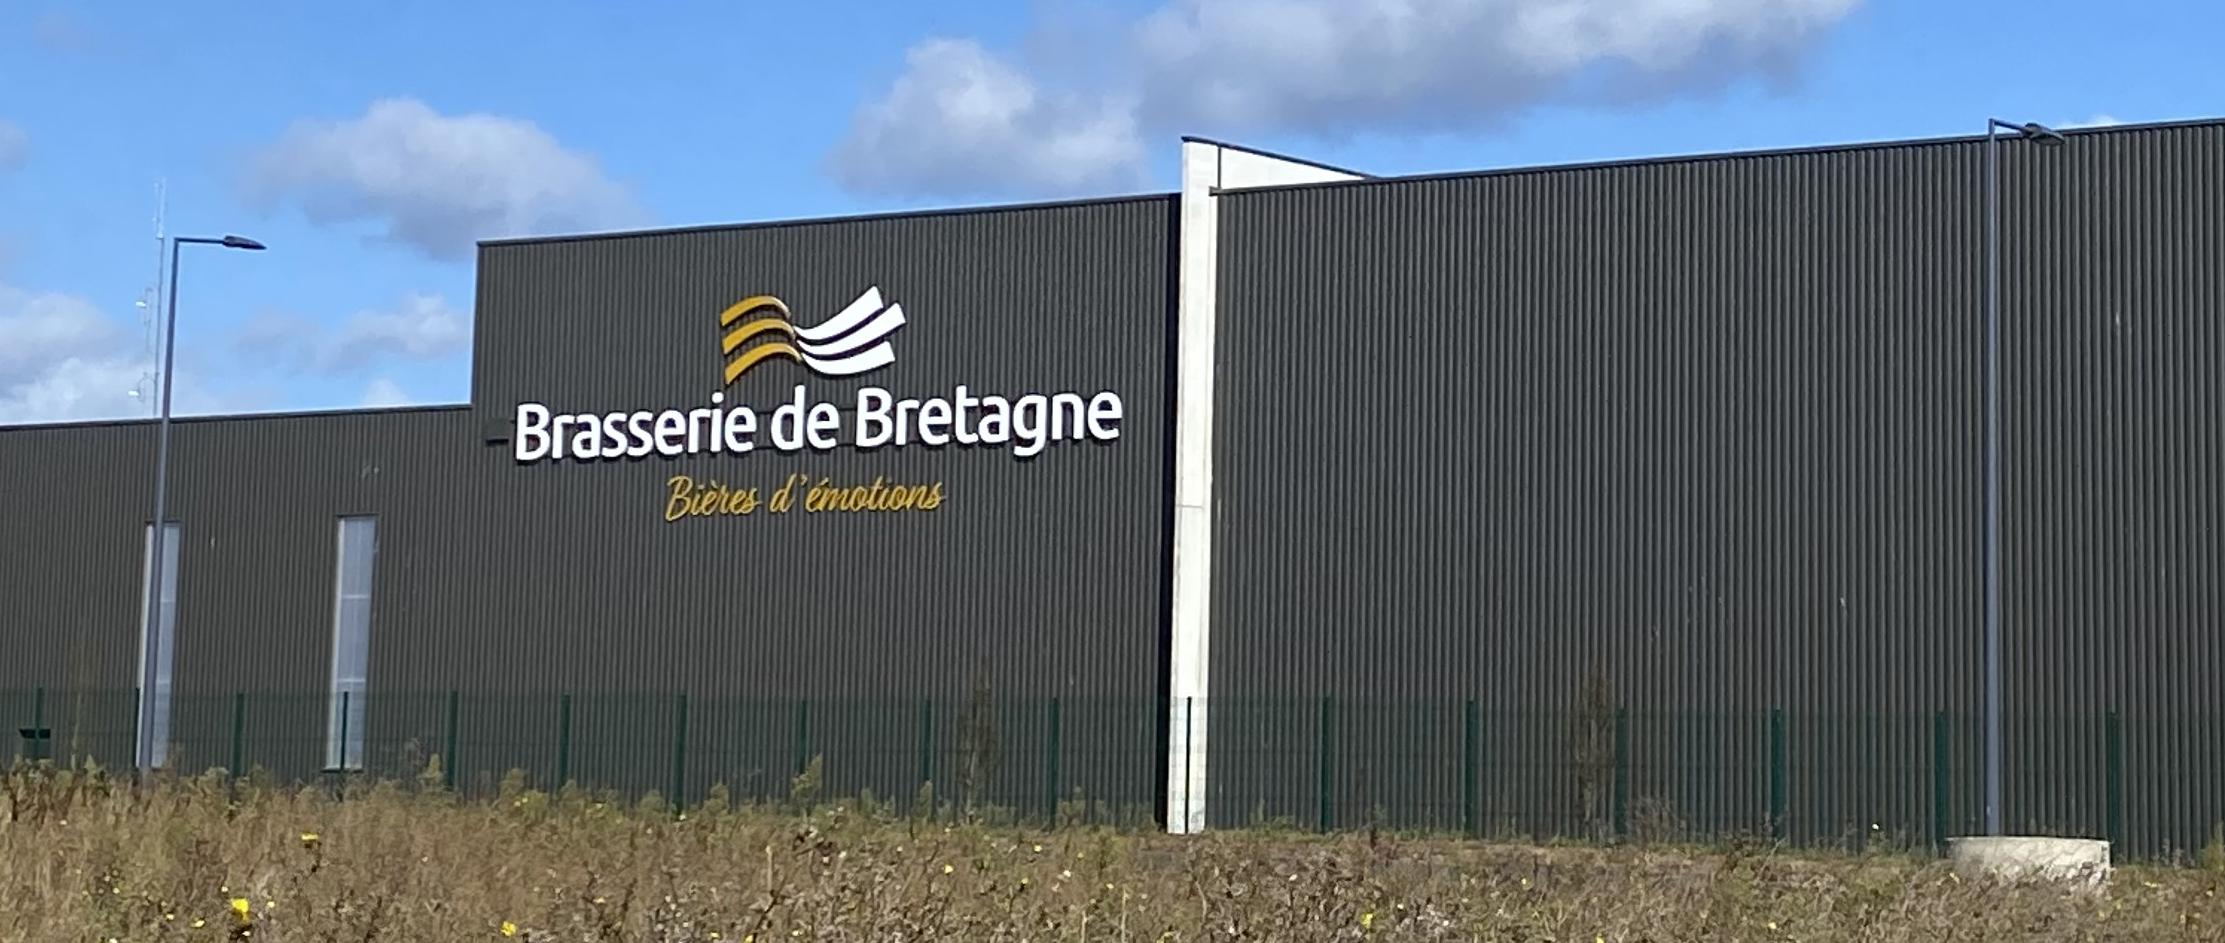 Enseigne-Brasserie-de-Bretagne-1